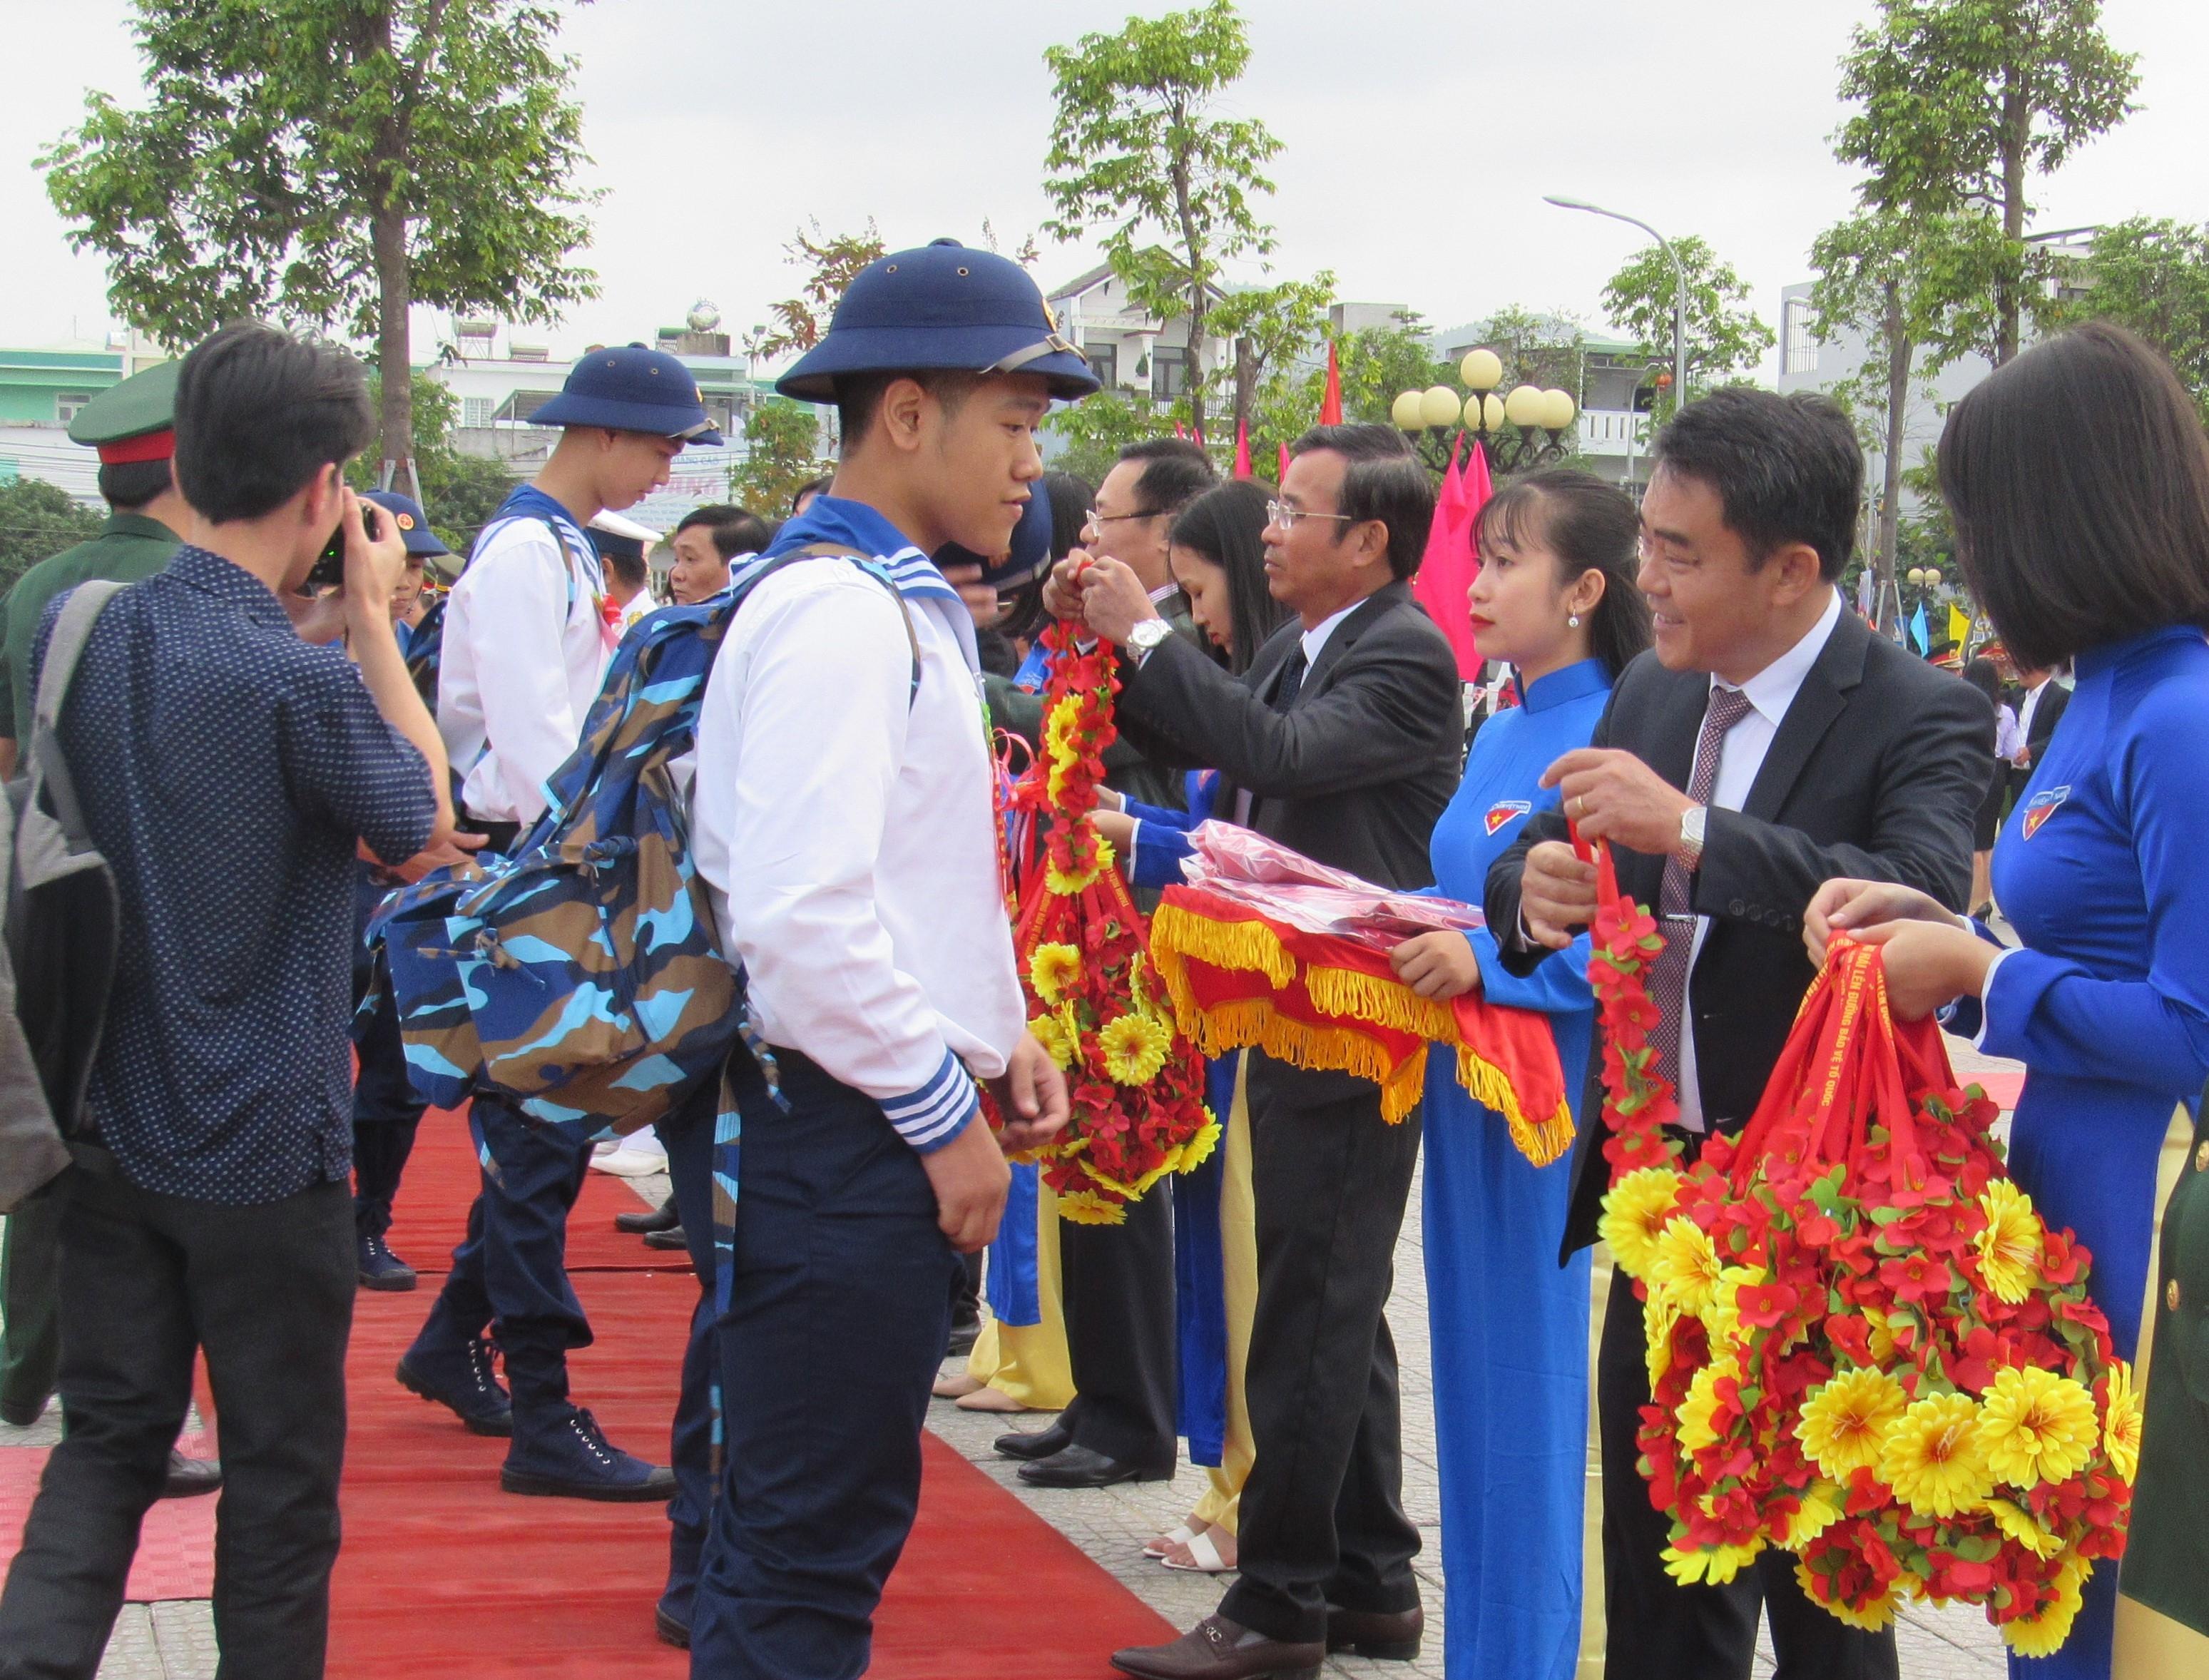 Thanh niên Liên Chiểu hăng hái lên đường bảo vệ Tổ quốc